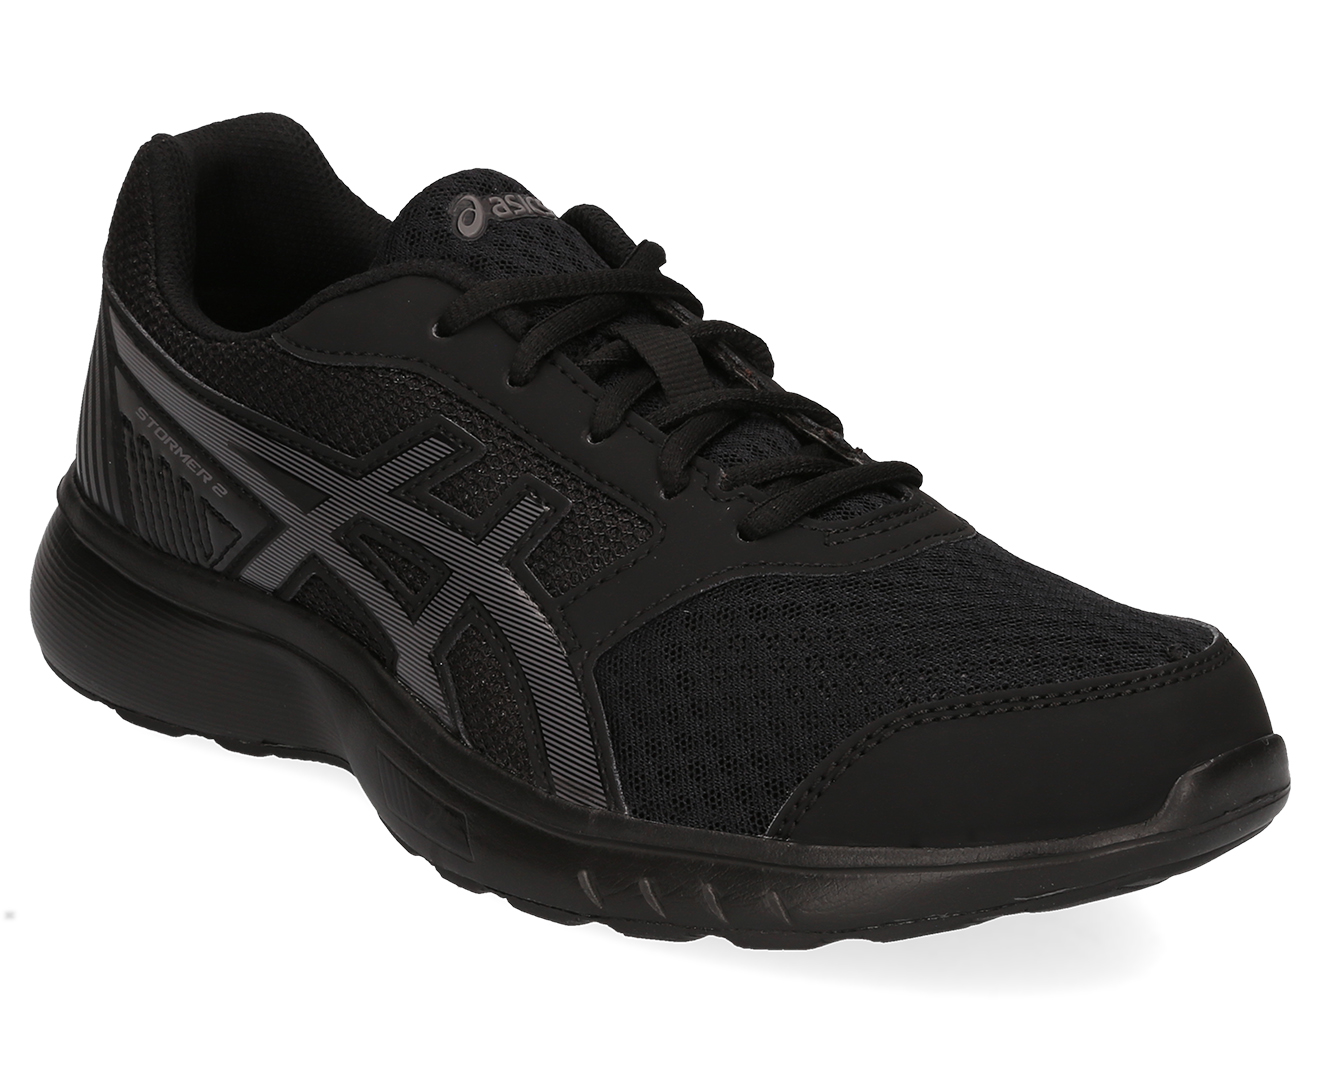 ASICS Women's Stormer 2 Shoe - Black